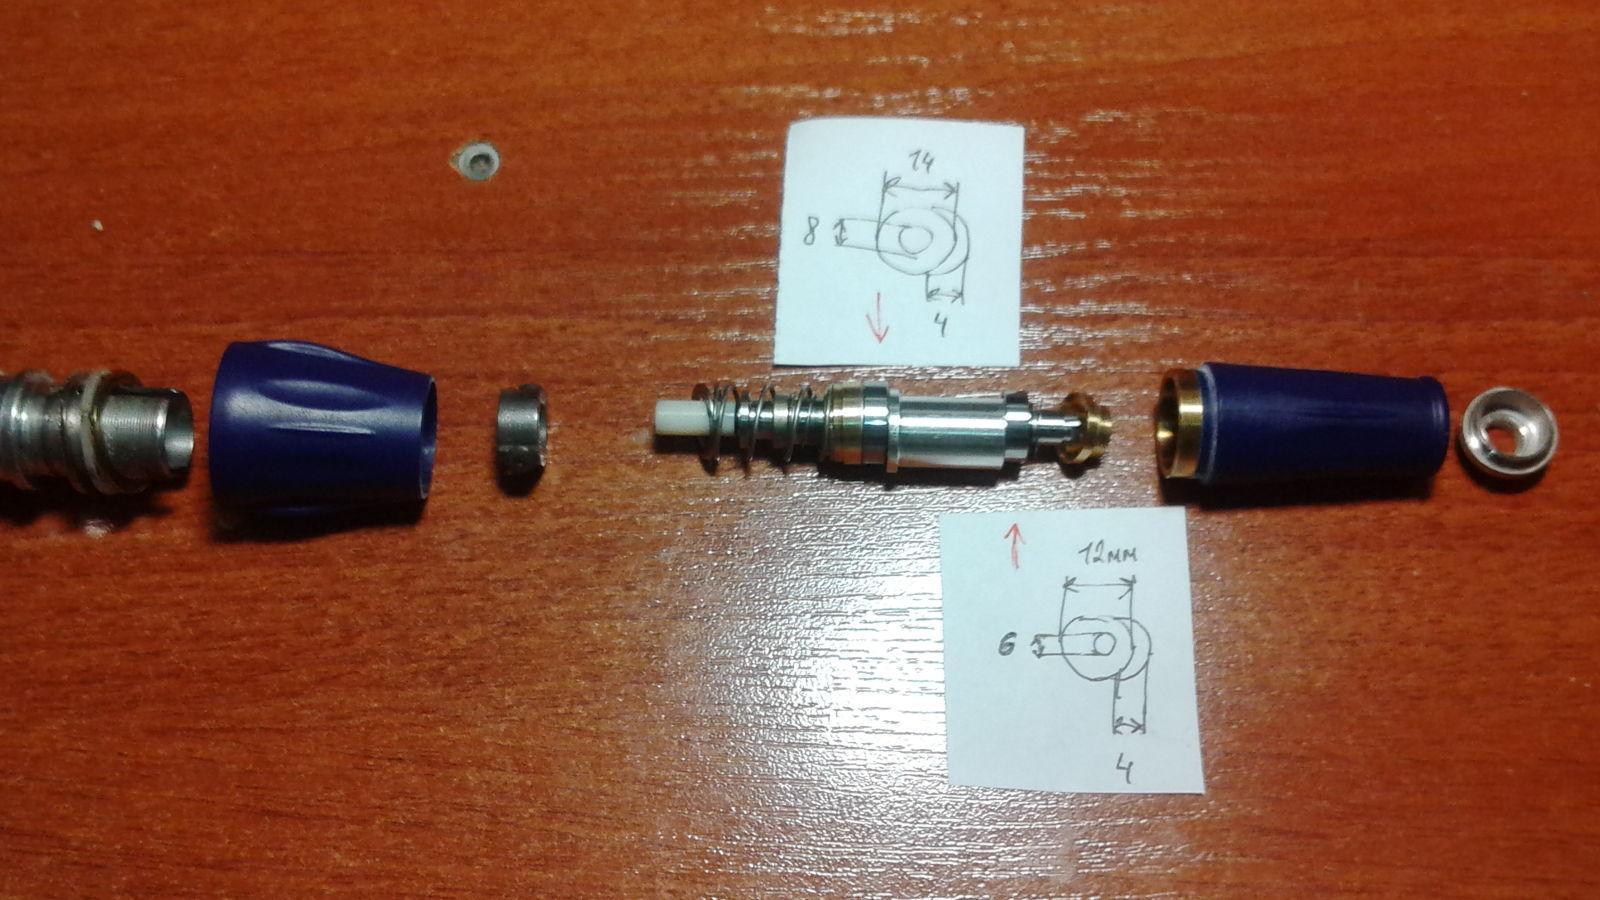 Ремонт маникюрной машинки Strong 210/105LN. Схема, размеры и замена подшипников в наконечнике и роторе. 29e0geg